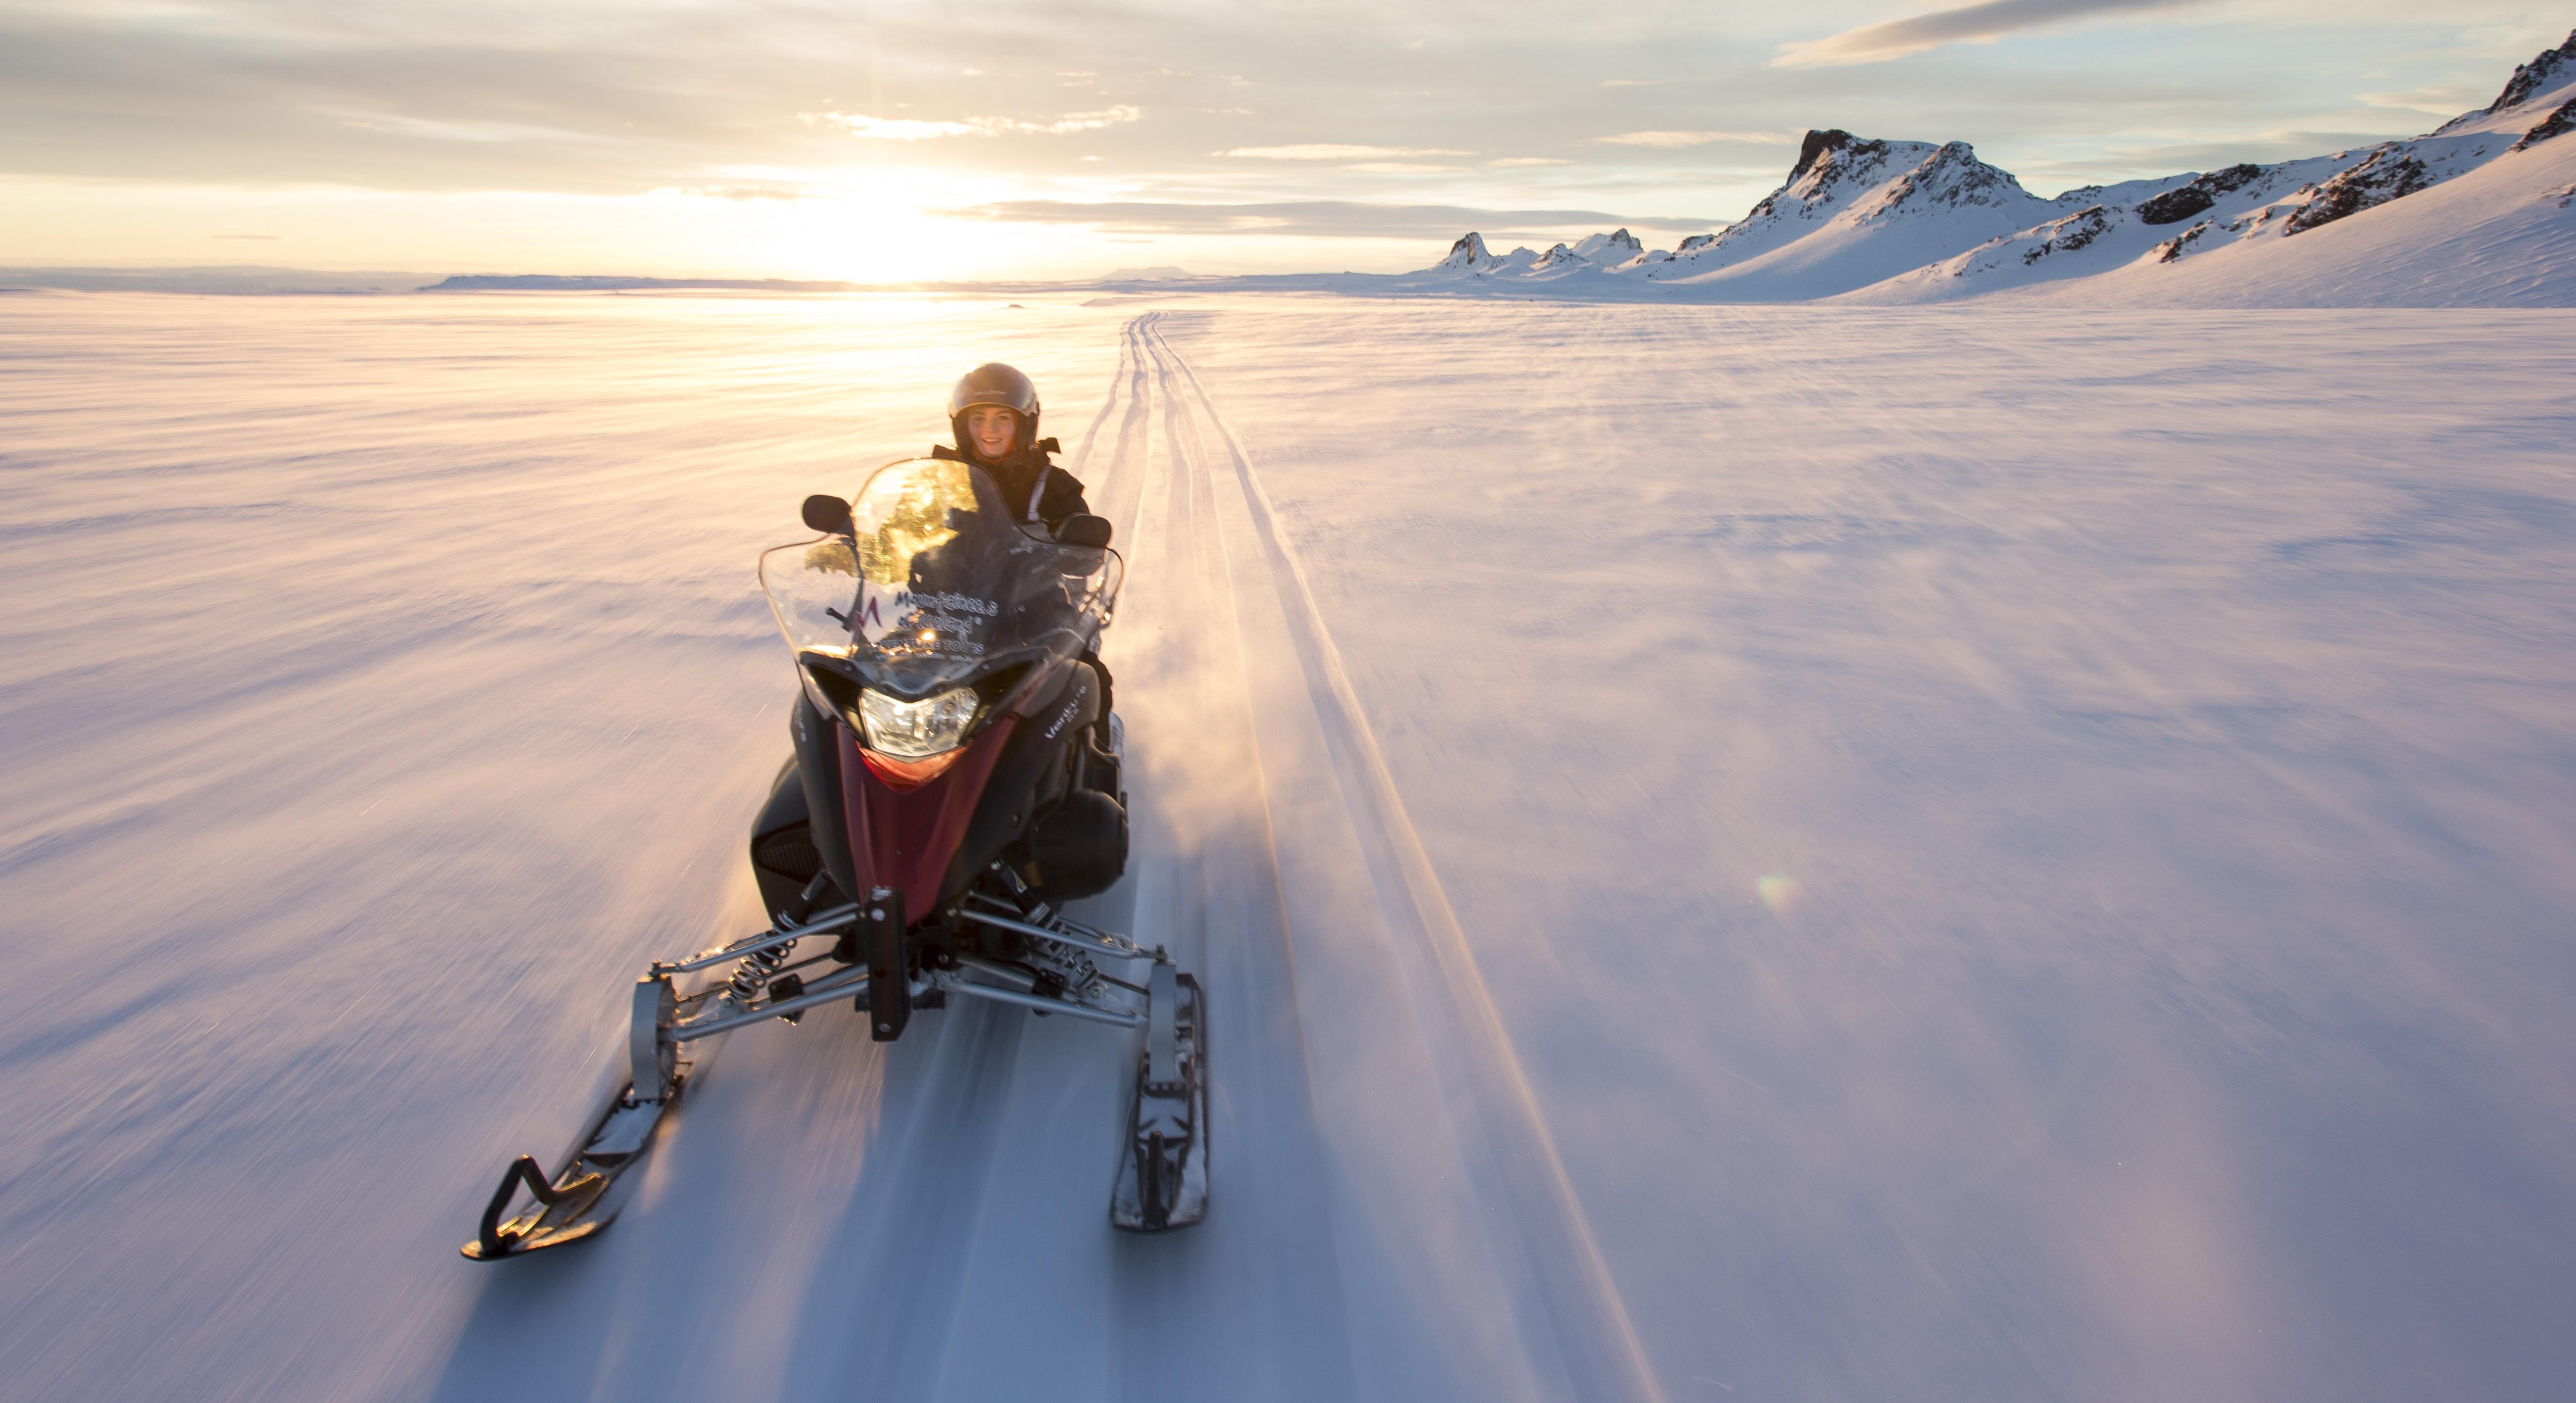 랭요쿨 빙하 꼭대기에서 즐기는 스노우모빌 모험